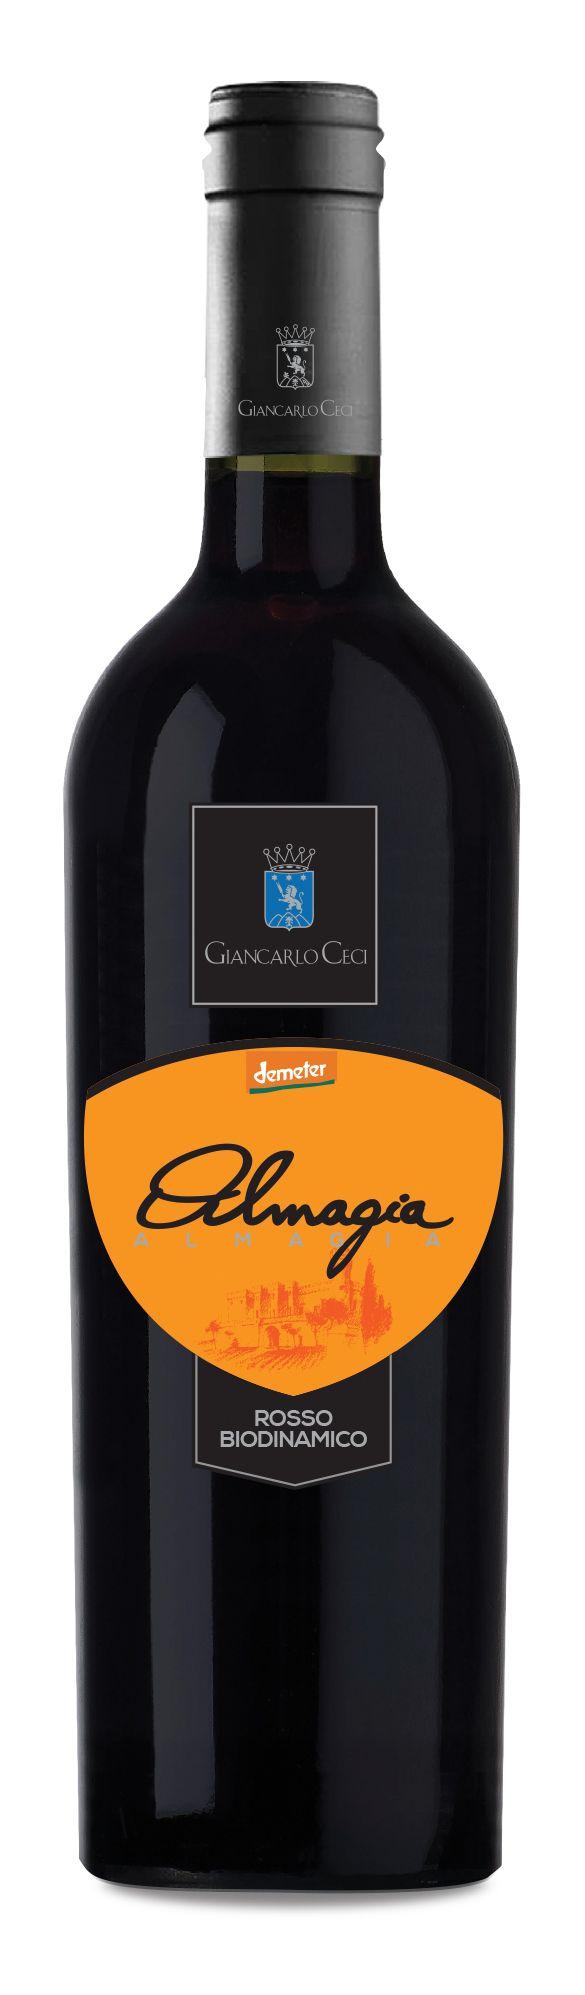 Agrinatura Giancarlo Ceci - Almagia - Vino Rosso Biodinamico